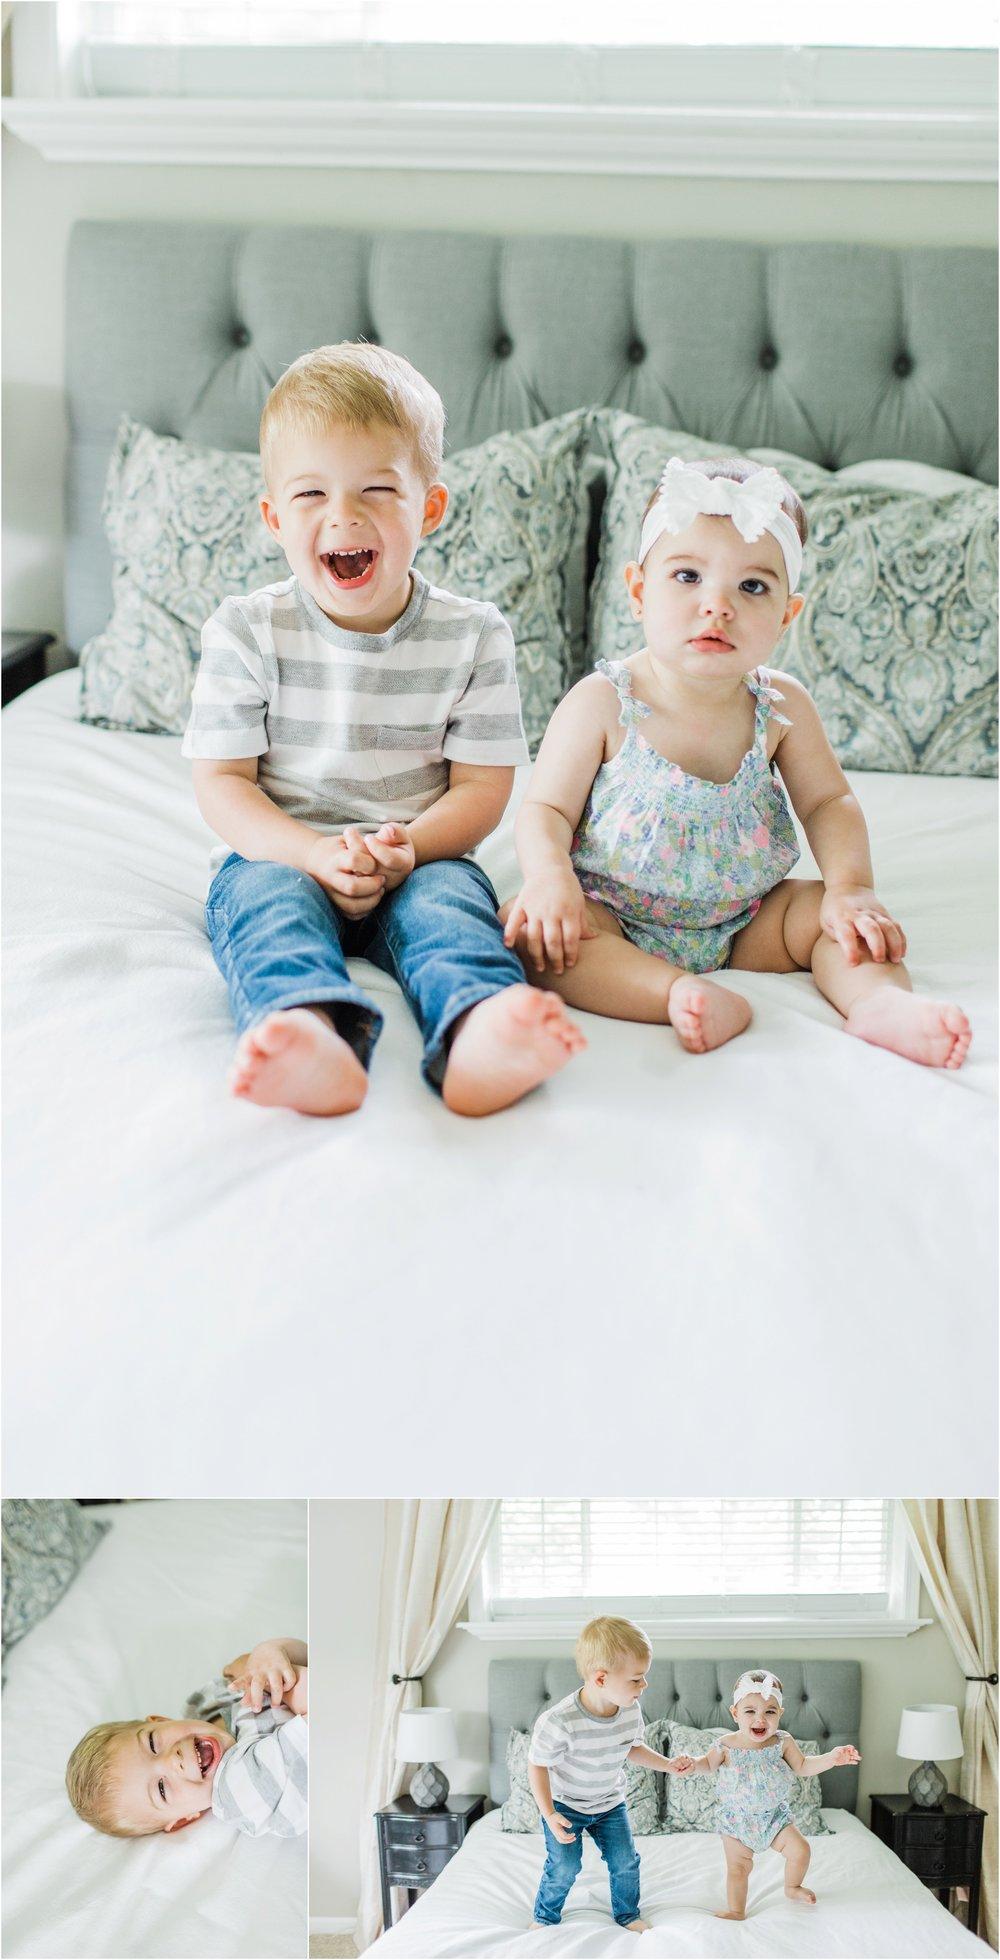 st louis photography_maternity_lauren muckler photography_film_st louis film photographer_0780.jpg